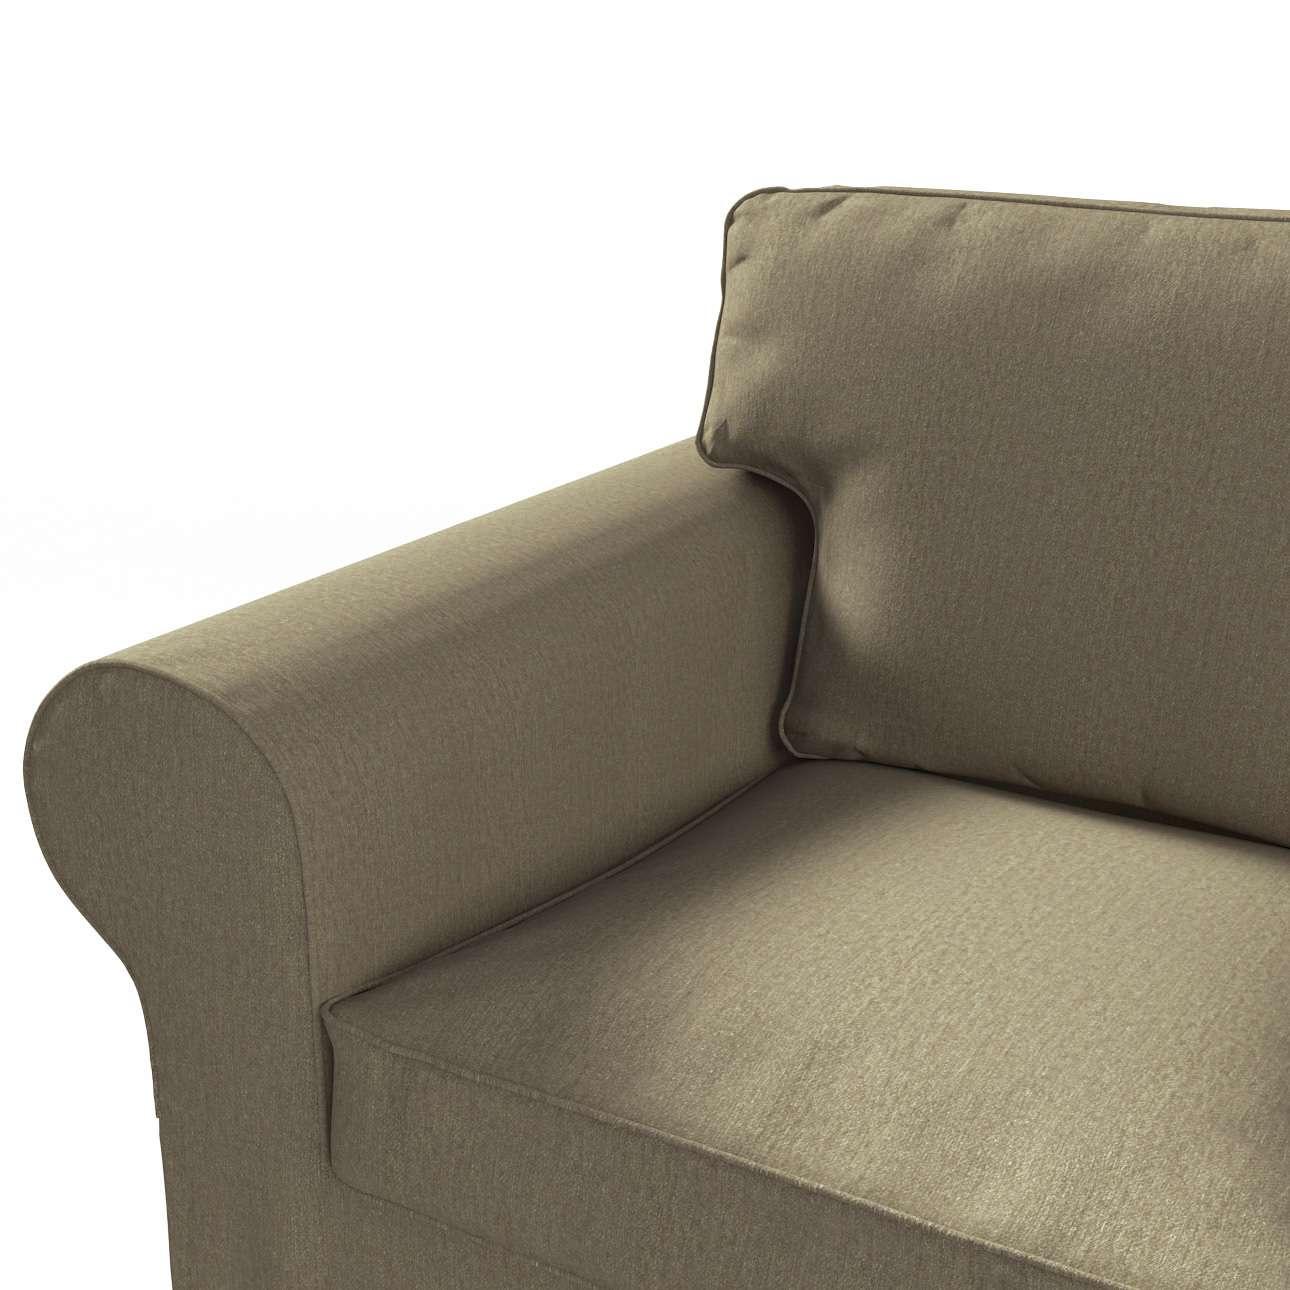 Pokrowiec na sofę Ektorp 3-osobową, rozkładaną STARY MODEL Sofa Ektorp 3-osobowa rozkładana w kolekcji Chenille, tkanina: 702-21